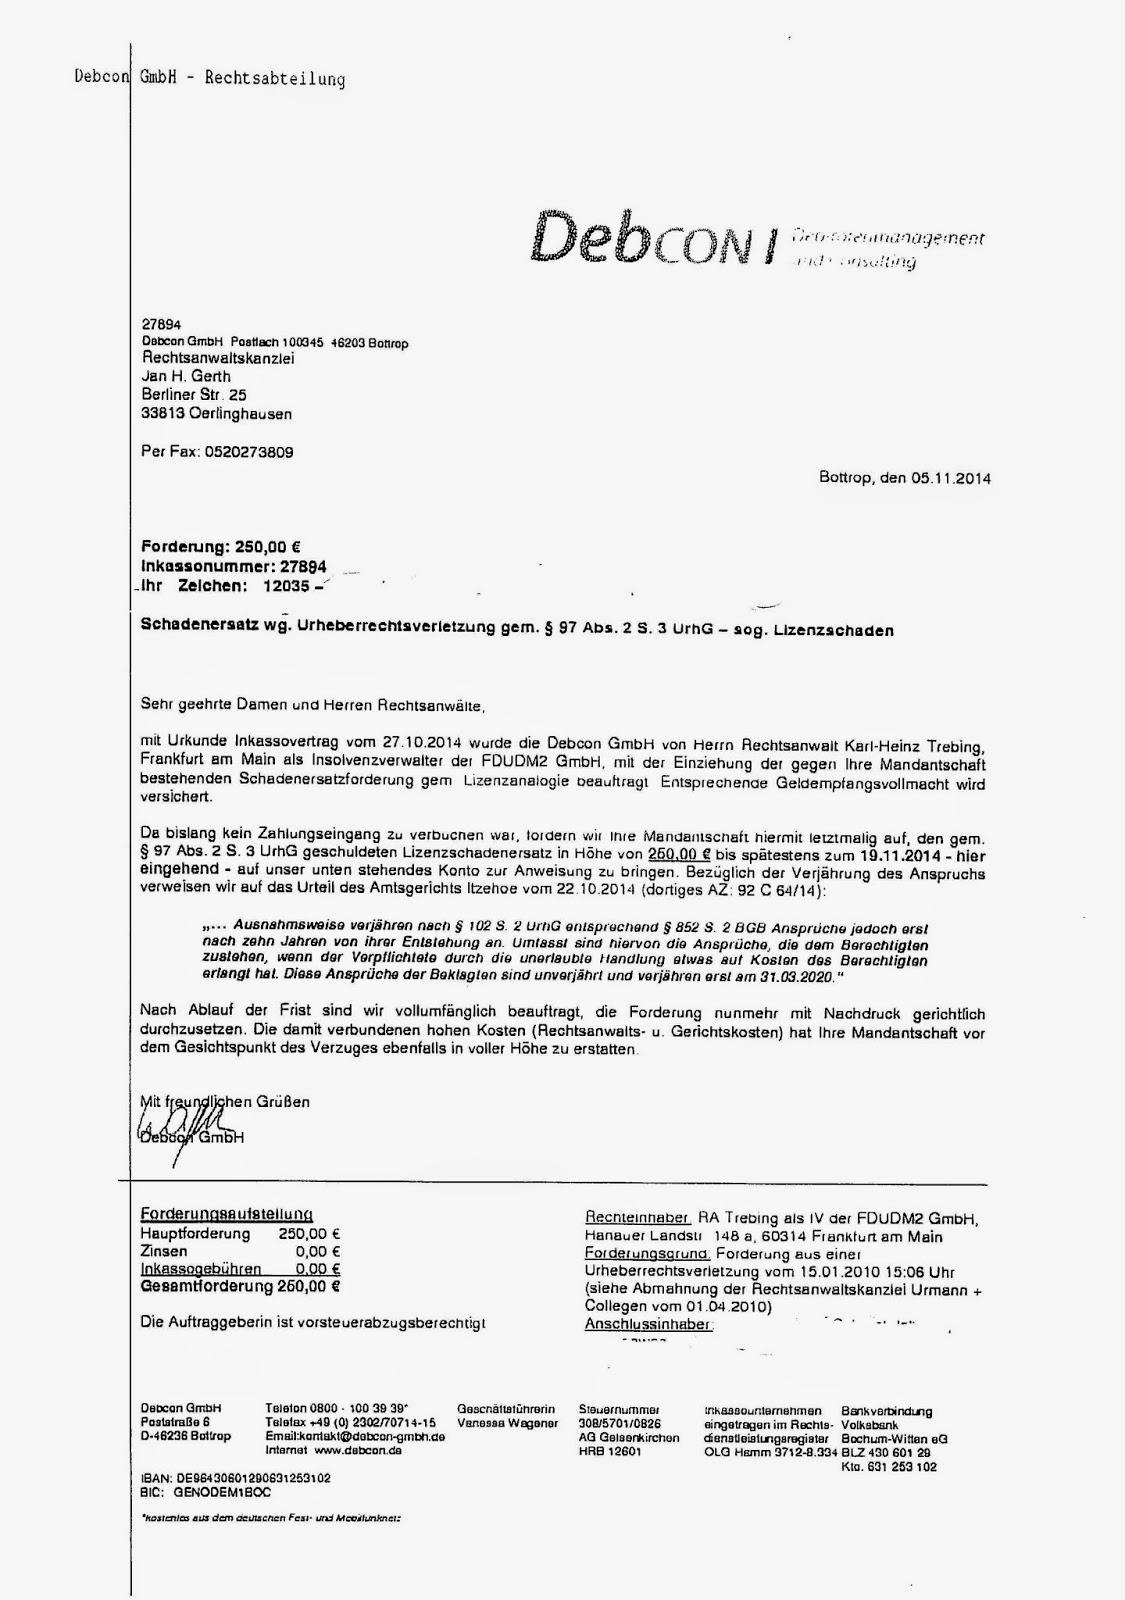 louis hofmann steckbrief